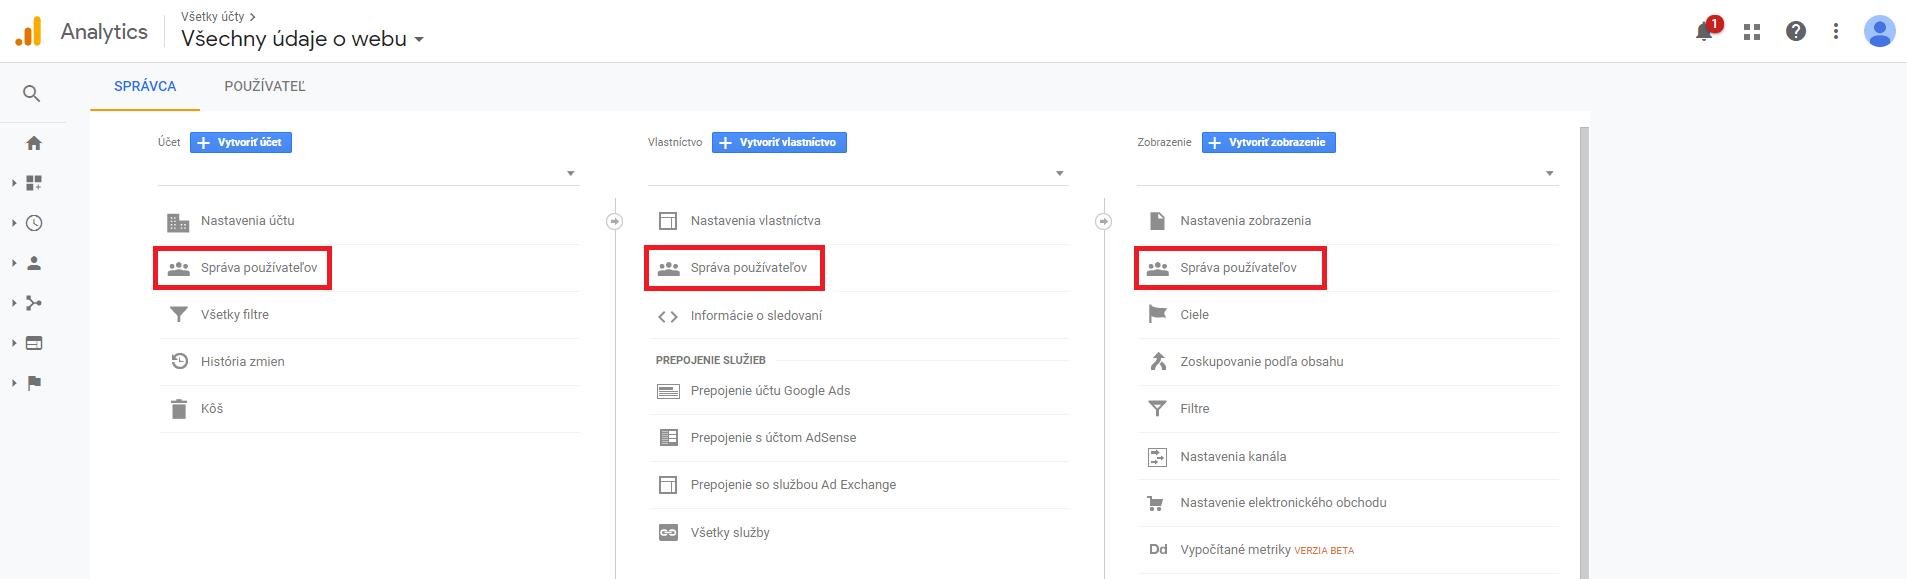 Google Analytics sprava pouzivatelov